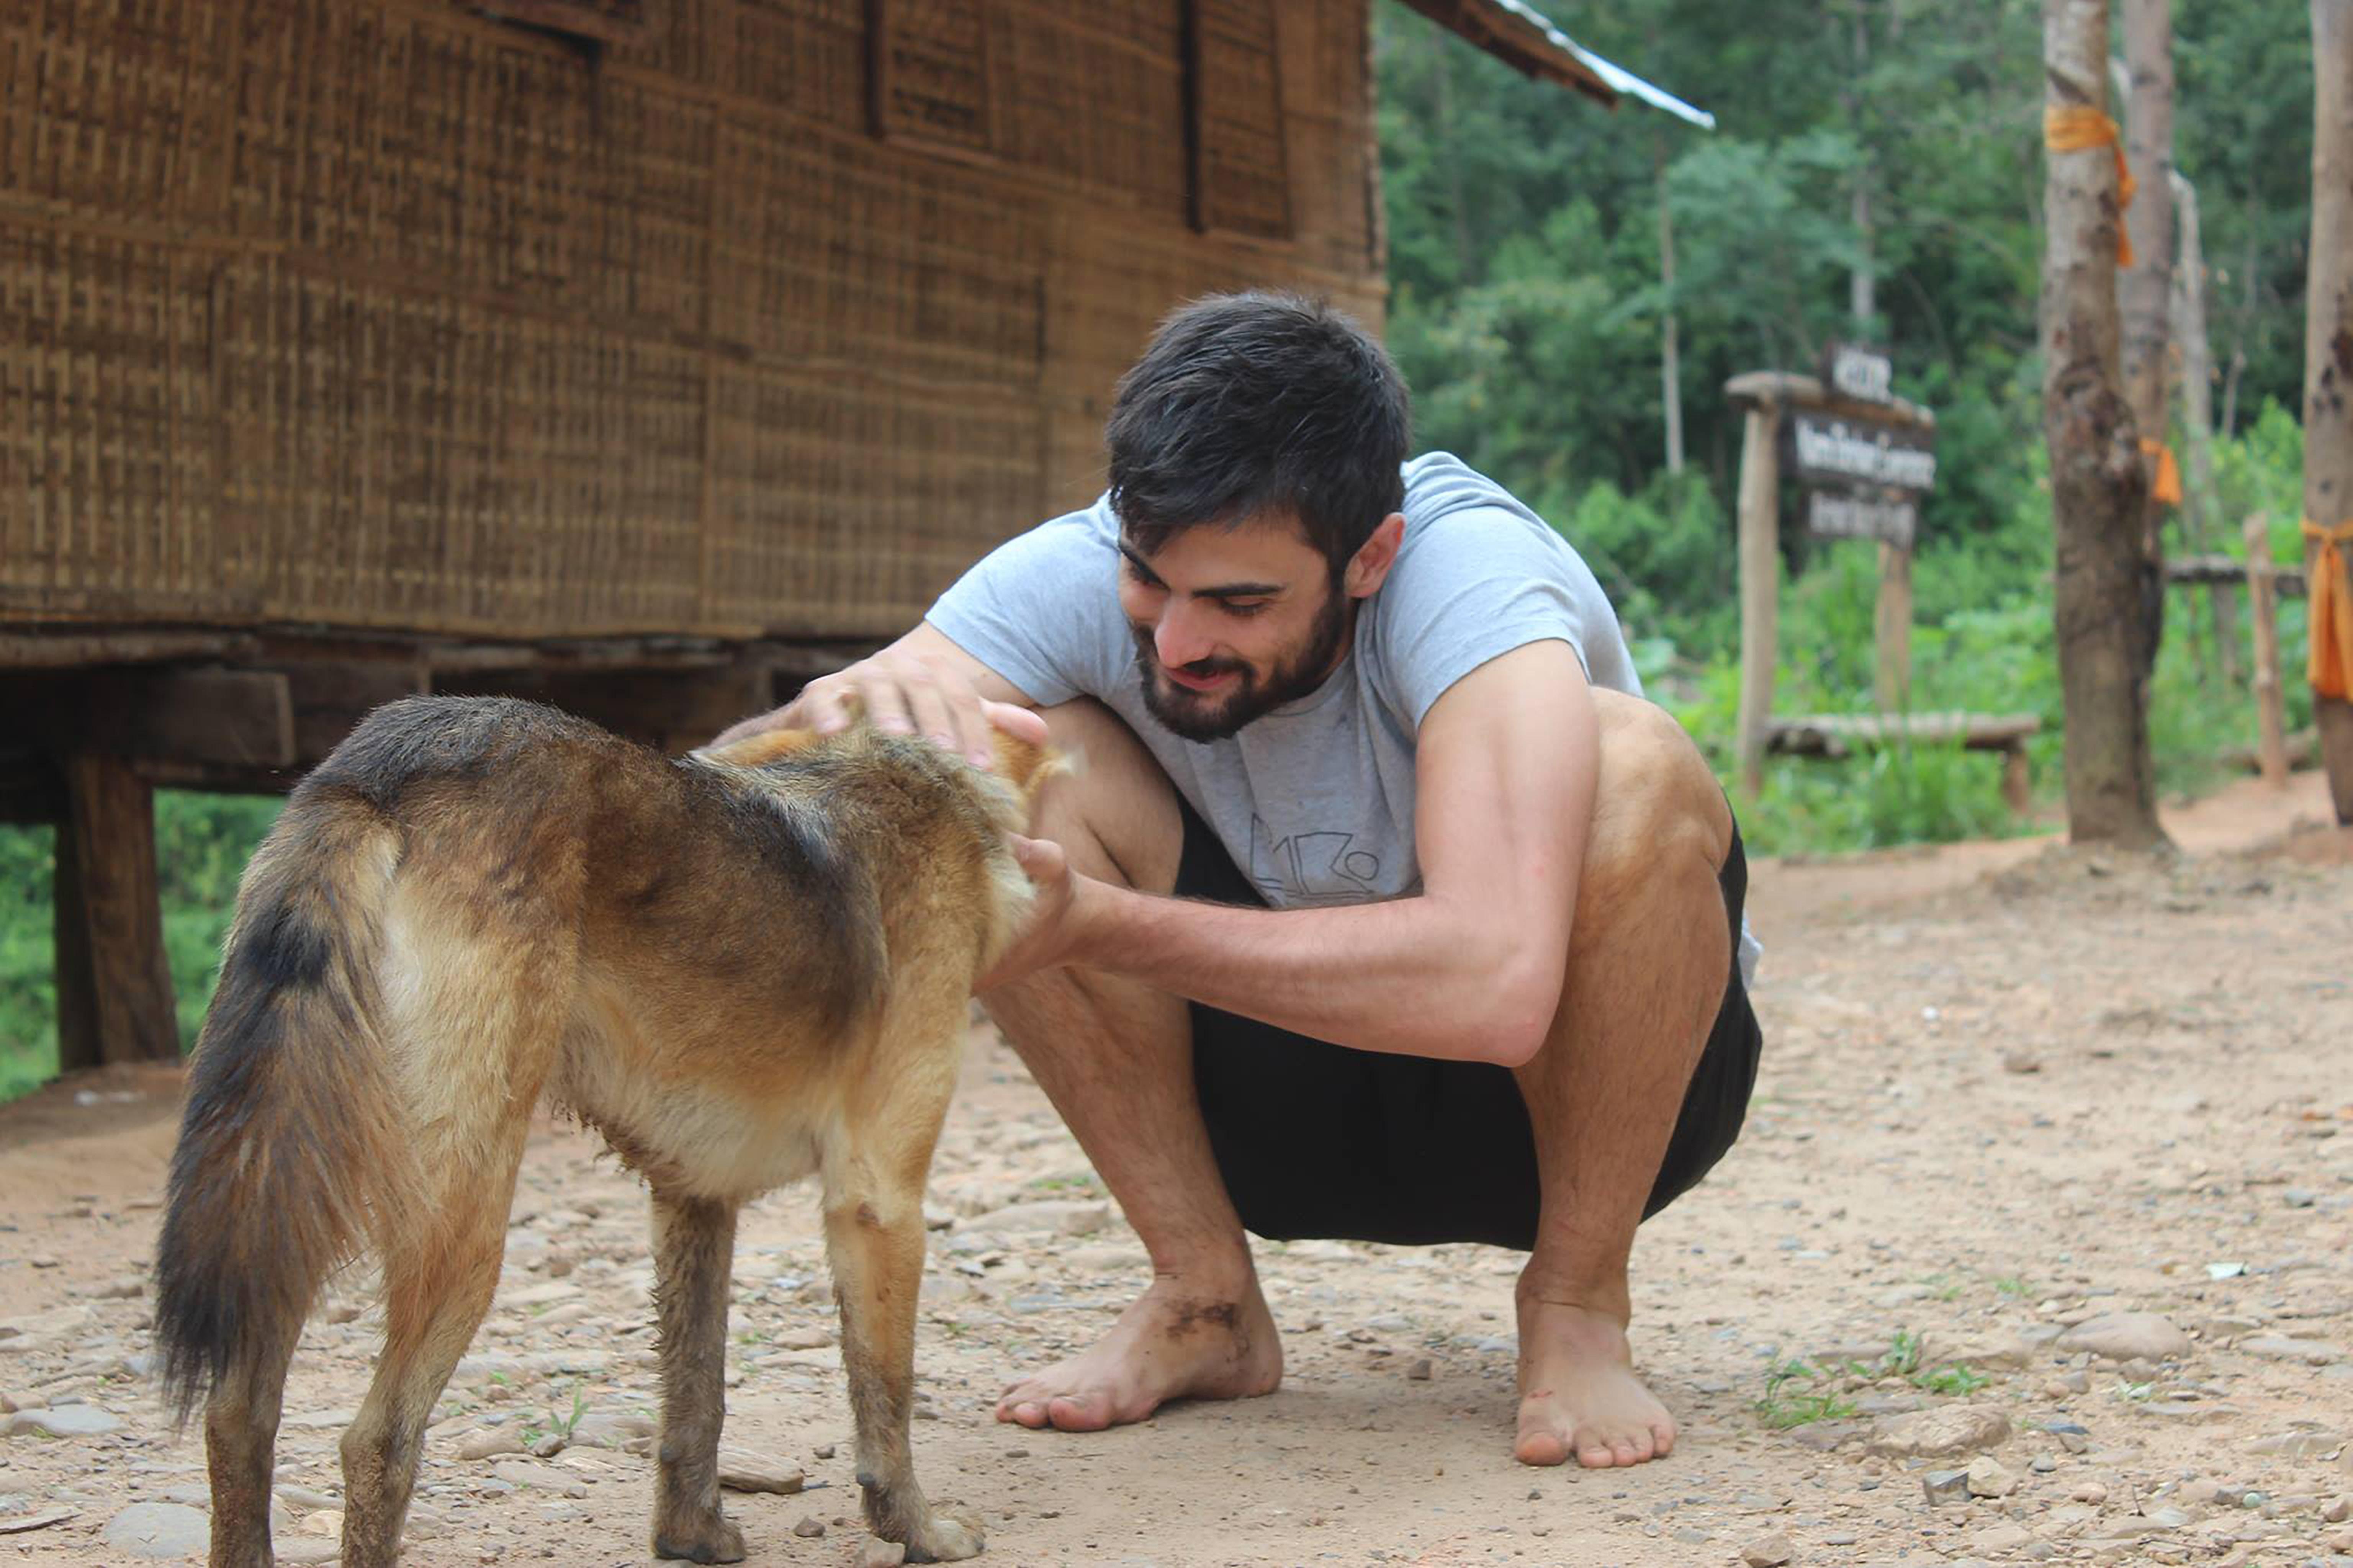 man petting brown dog